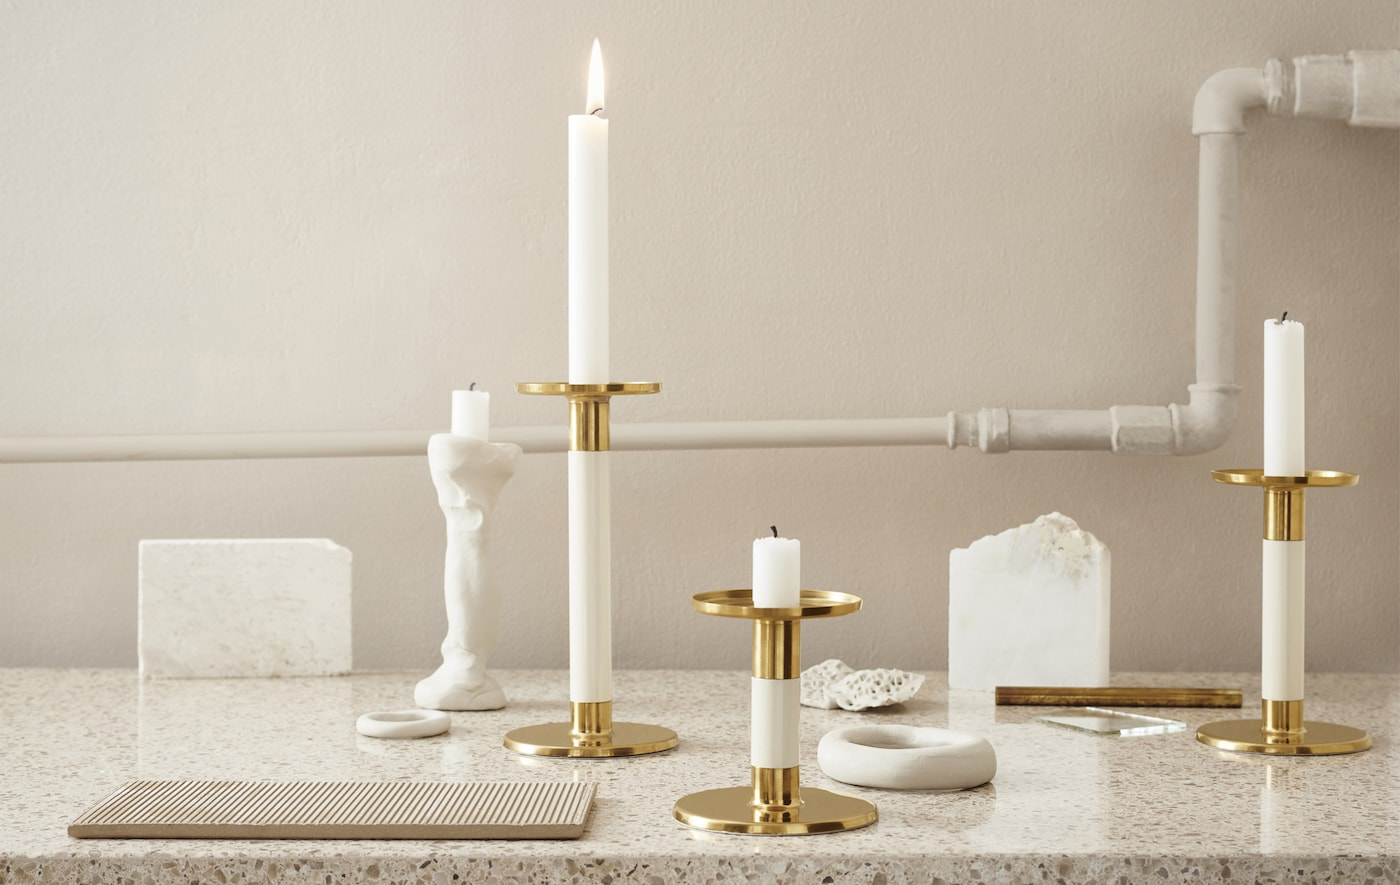 Bougeoirs couleur ivoire et doré présentés sur un plan de travail en marbre.